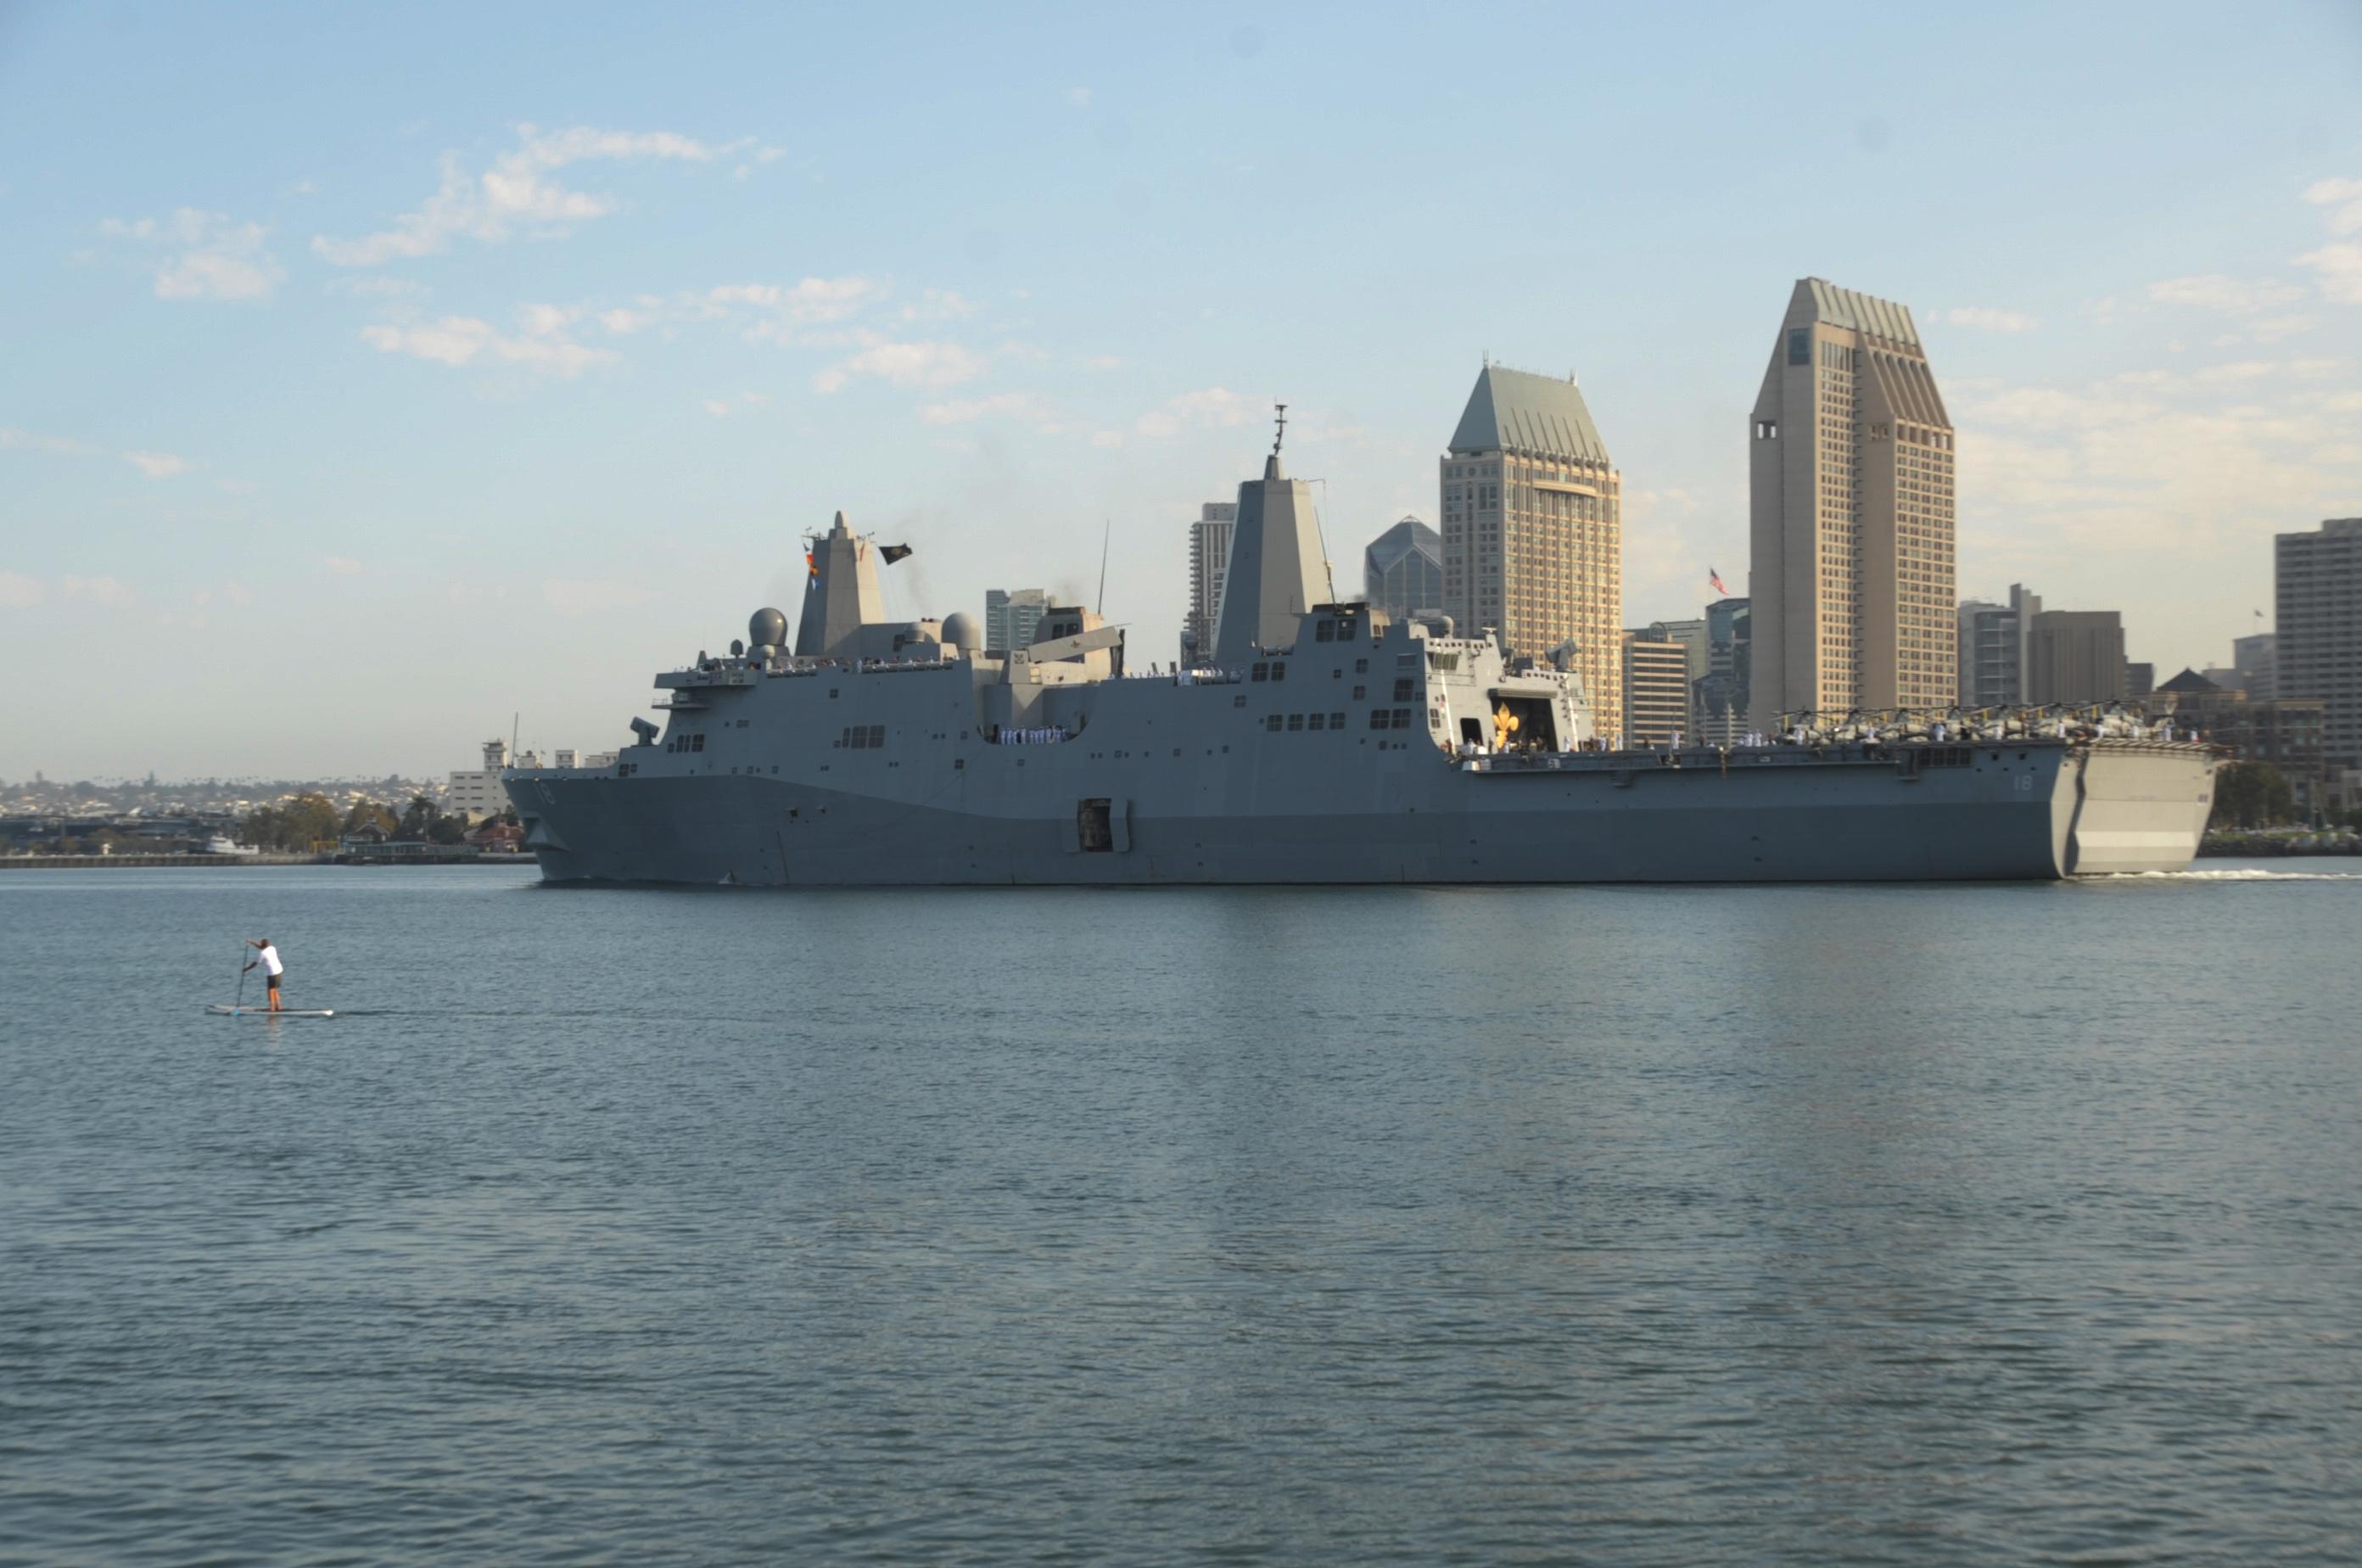 USS NEW ORLEANS LPD-18 Auslaufen San Diego 23.08.2013Bild: U.S. Navy